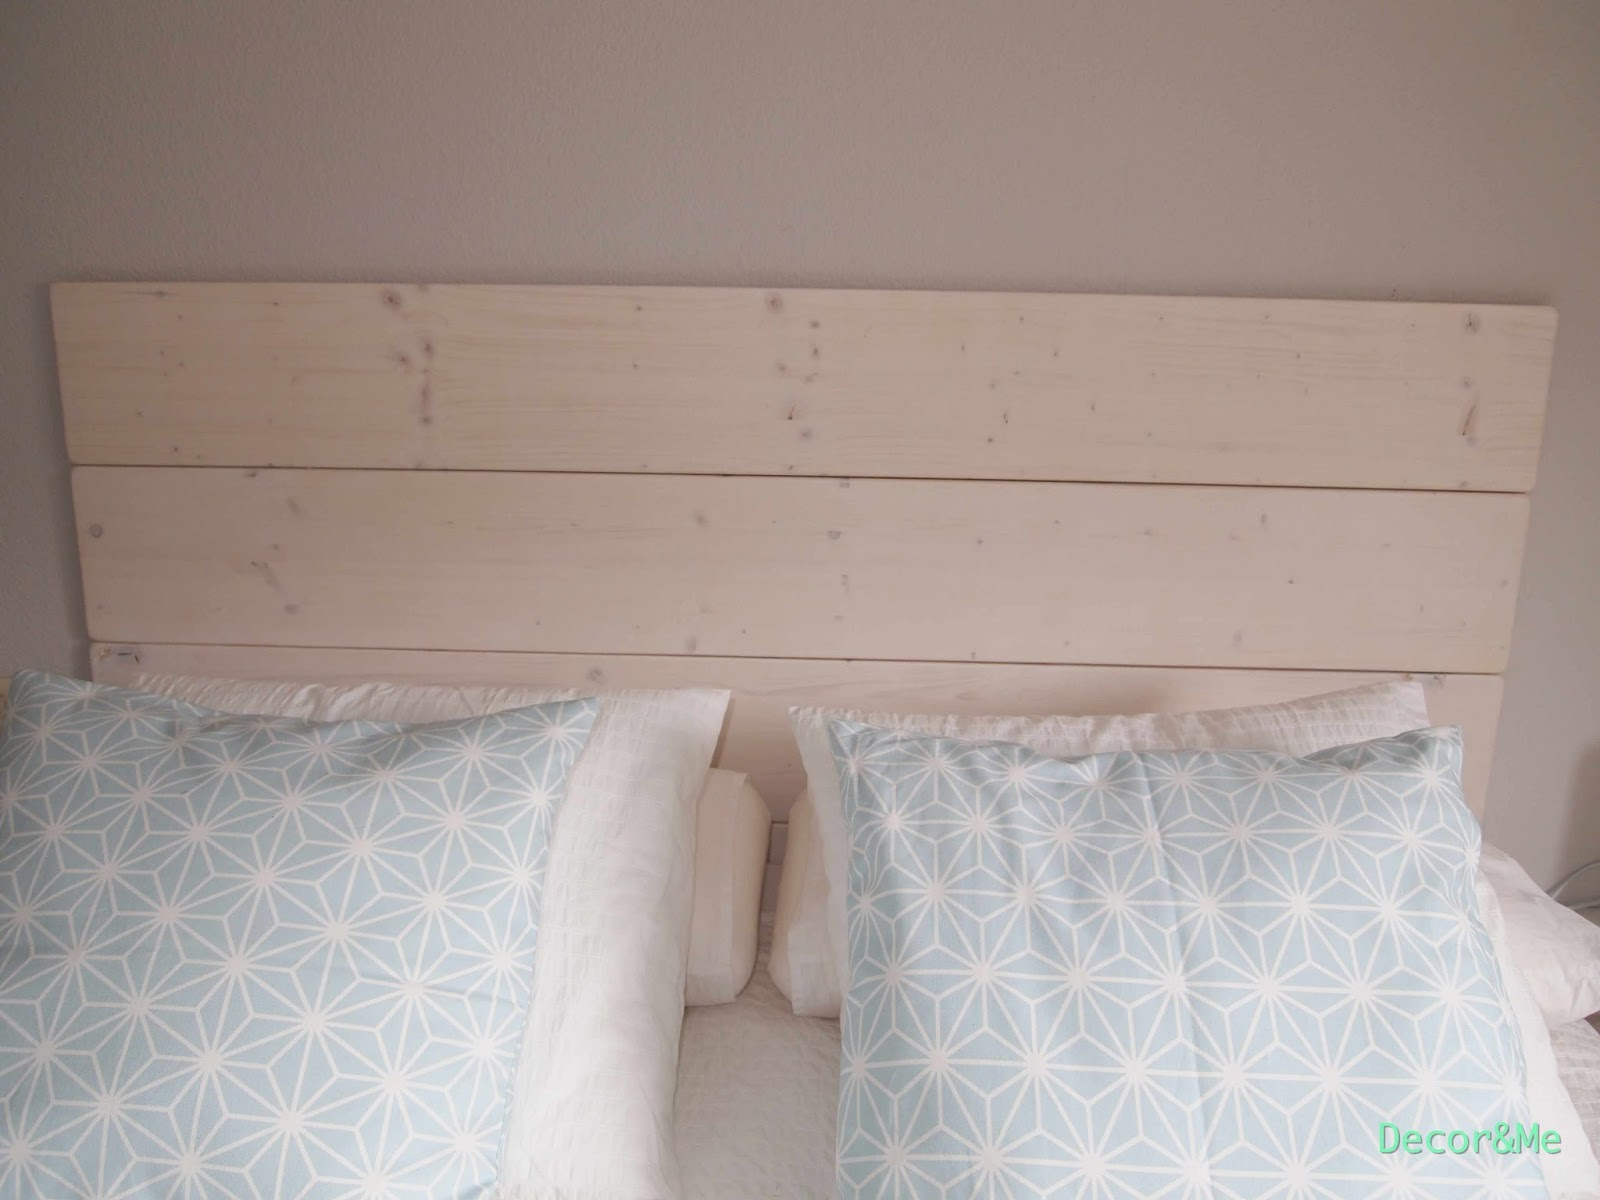 Decorme Mi Dormitorio Diy El Cabecero Con Tablones De Madera De